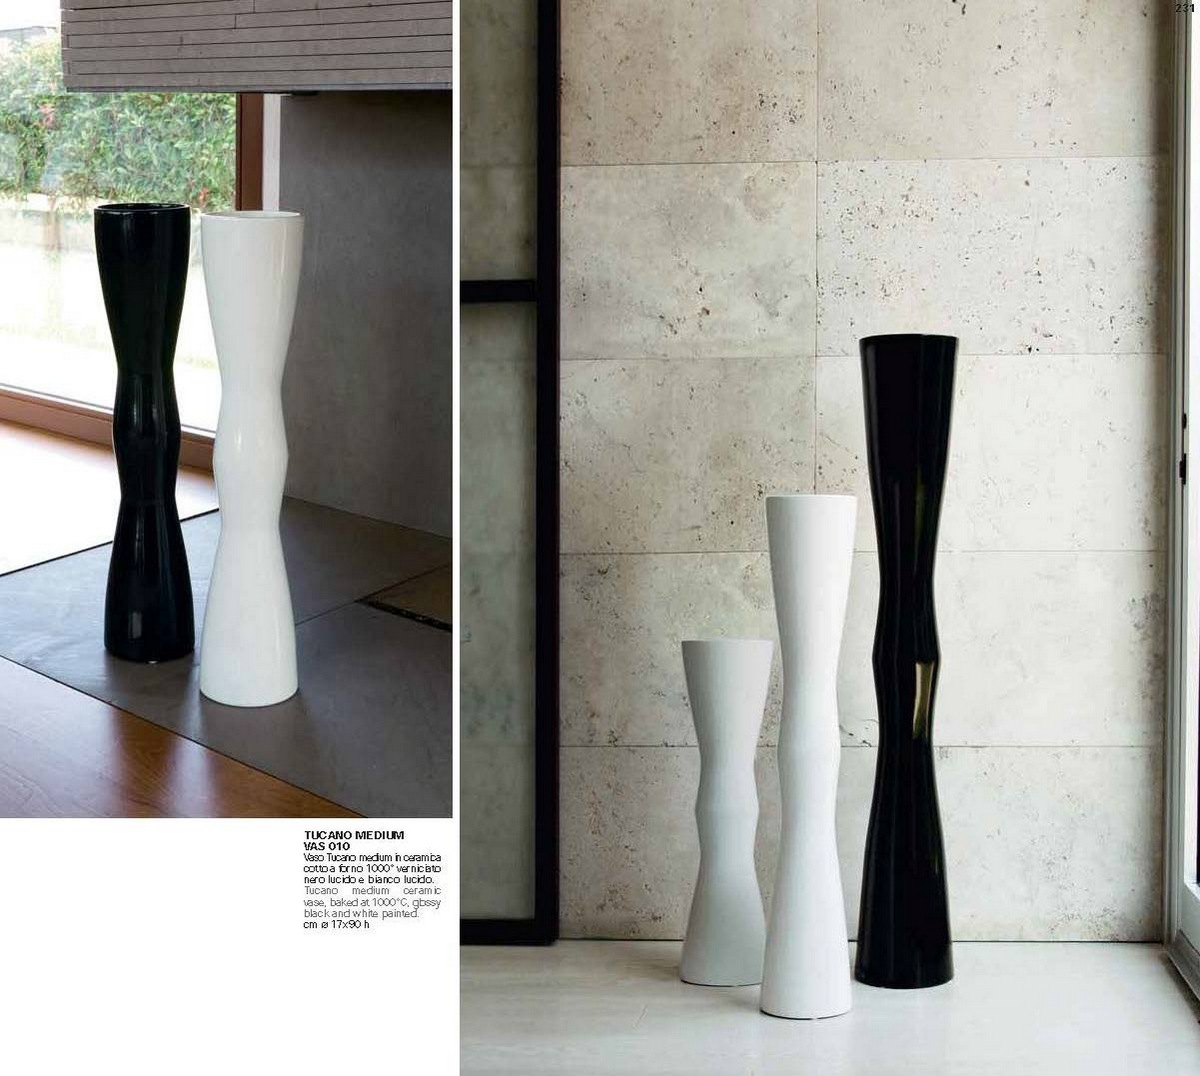 Vasi complementi d 39 arredo prodotti for Vasi da arredamento design